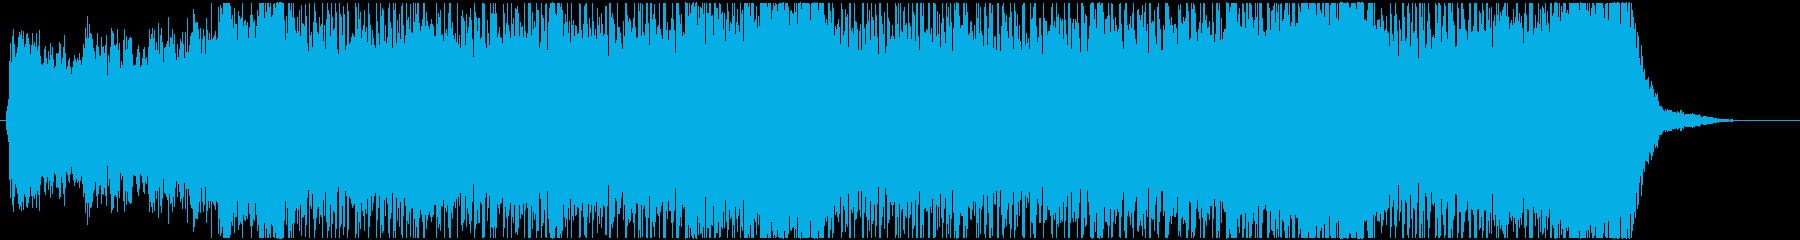 サスペンス系 不気味で激しい曲の再生済みの波形